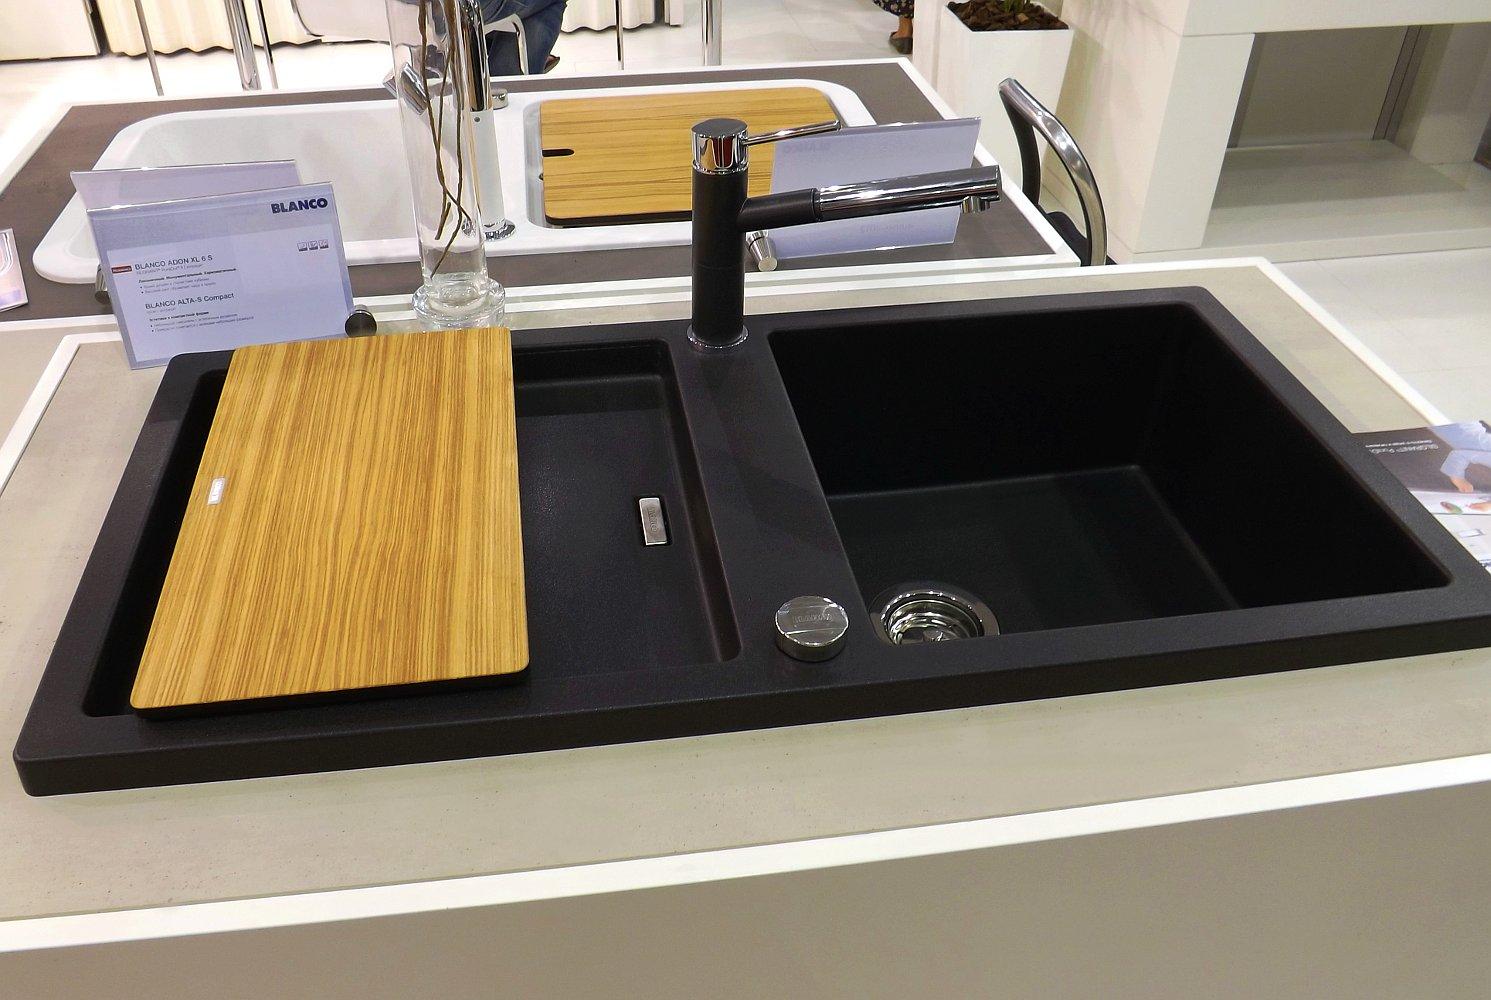 Кухонная мойка ADON XL 6S и смеситель ALTA-S Compact. Вид А